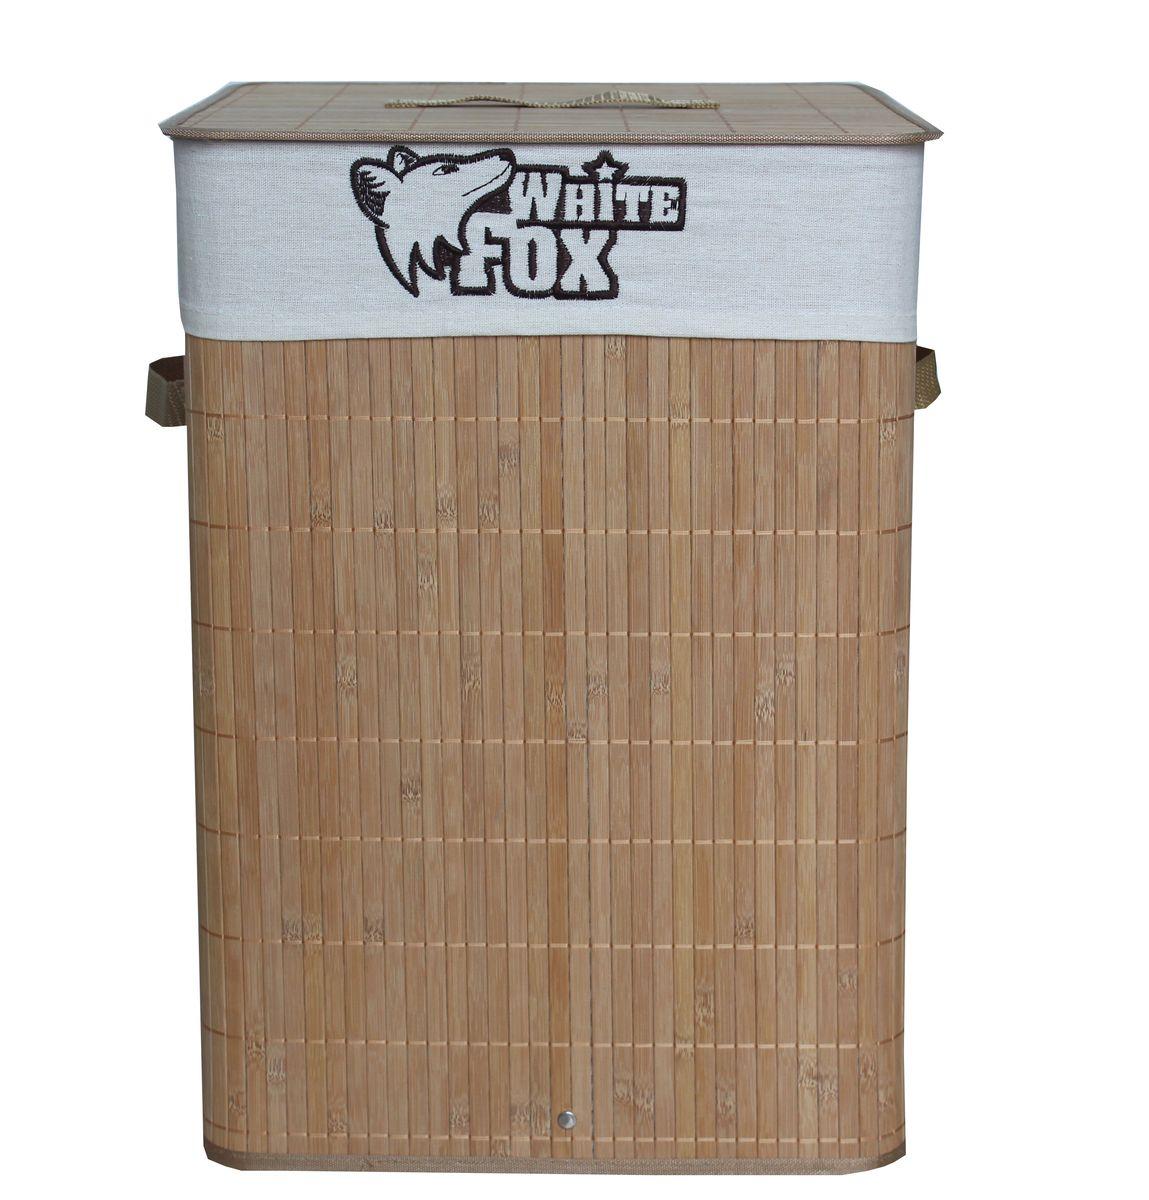 Корзина для белья White Fox Bamboo Standart, квадратная, 35 х 35 х 50 смWBLA10-214Корзина для белья White Fox Bamboo Standart предназначена для организации и хранениябелья. Съемный чехол можно стирать в стиральной машине при деликатной стирке.Удобные ручки помогут перемещать корзину в любое удобное место.Размер корзины в собранном виде: 35 х 35 х 50 см.